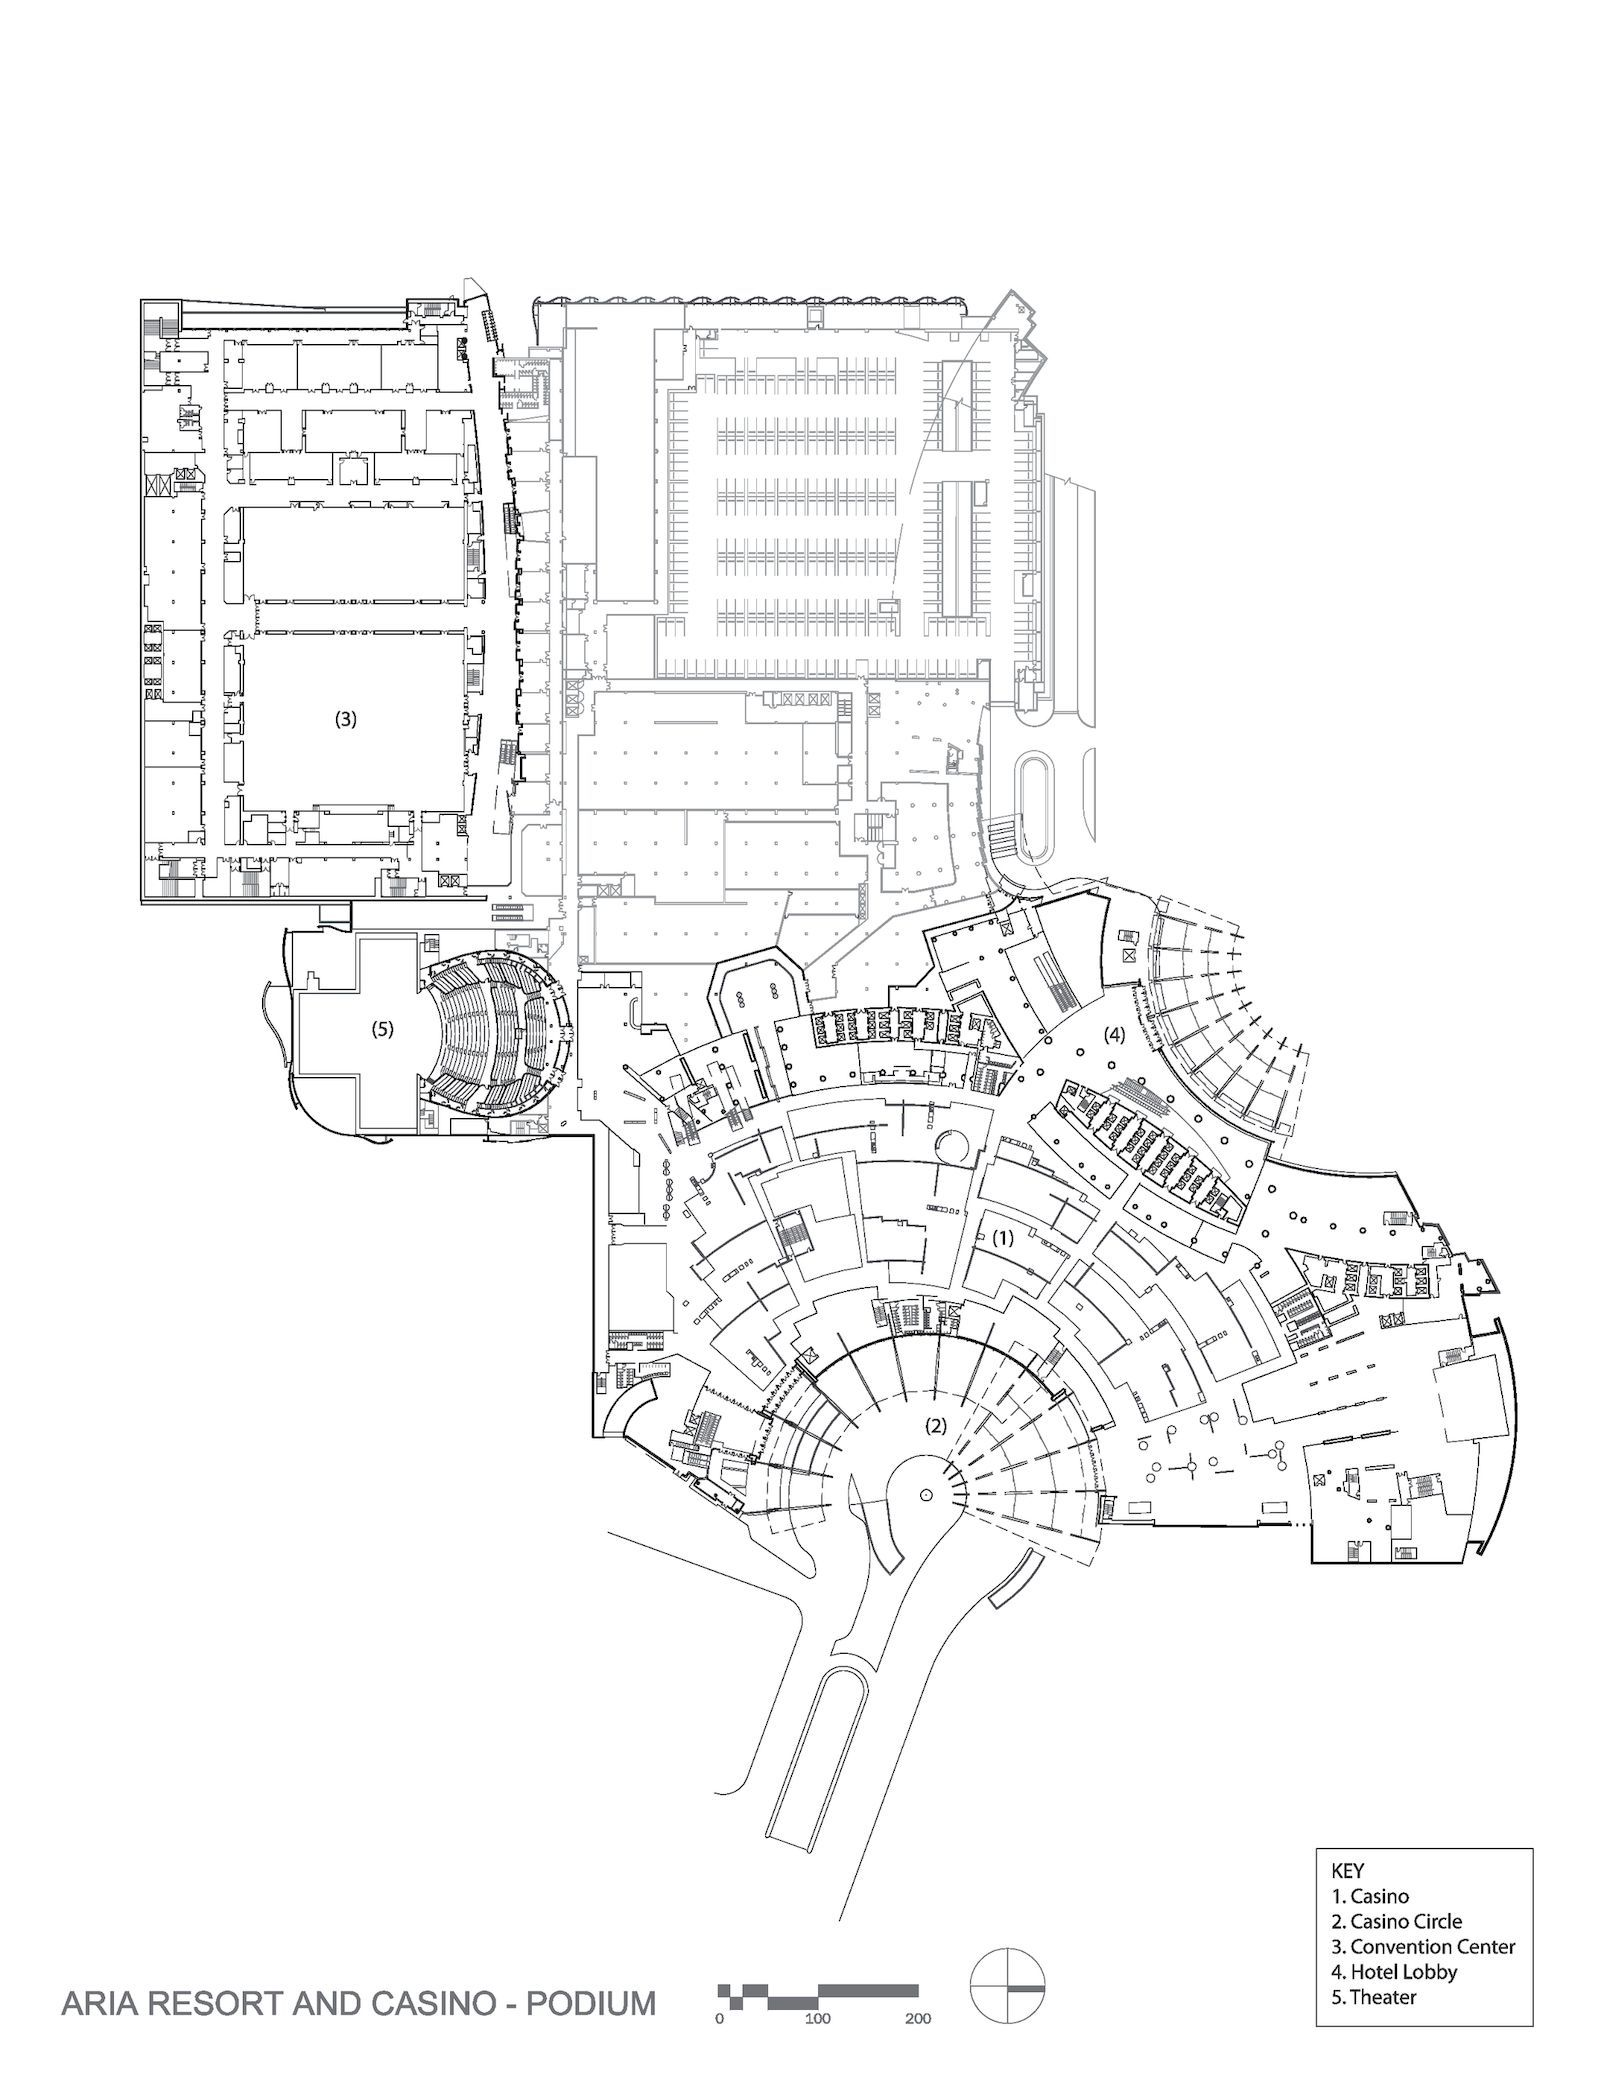 Aria Resort And Casino Hotel Floor Plan Ground Floor Plan